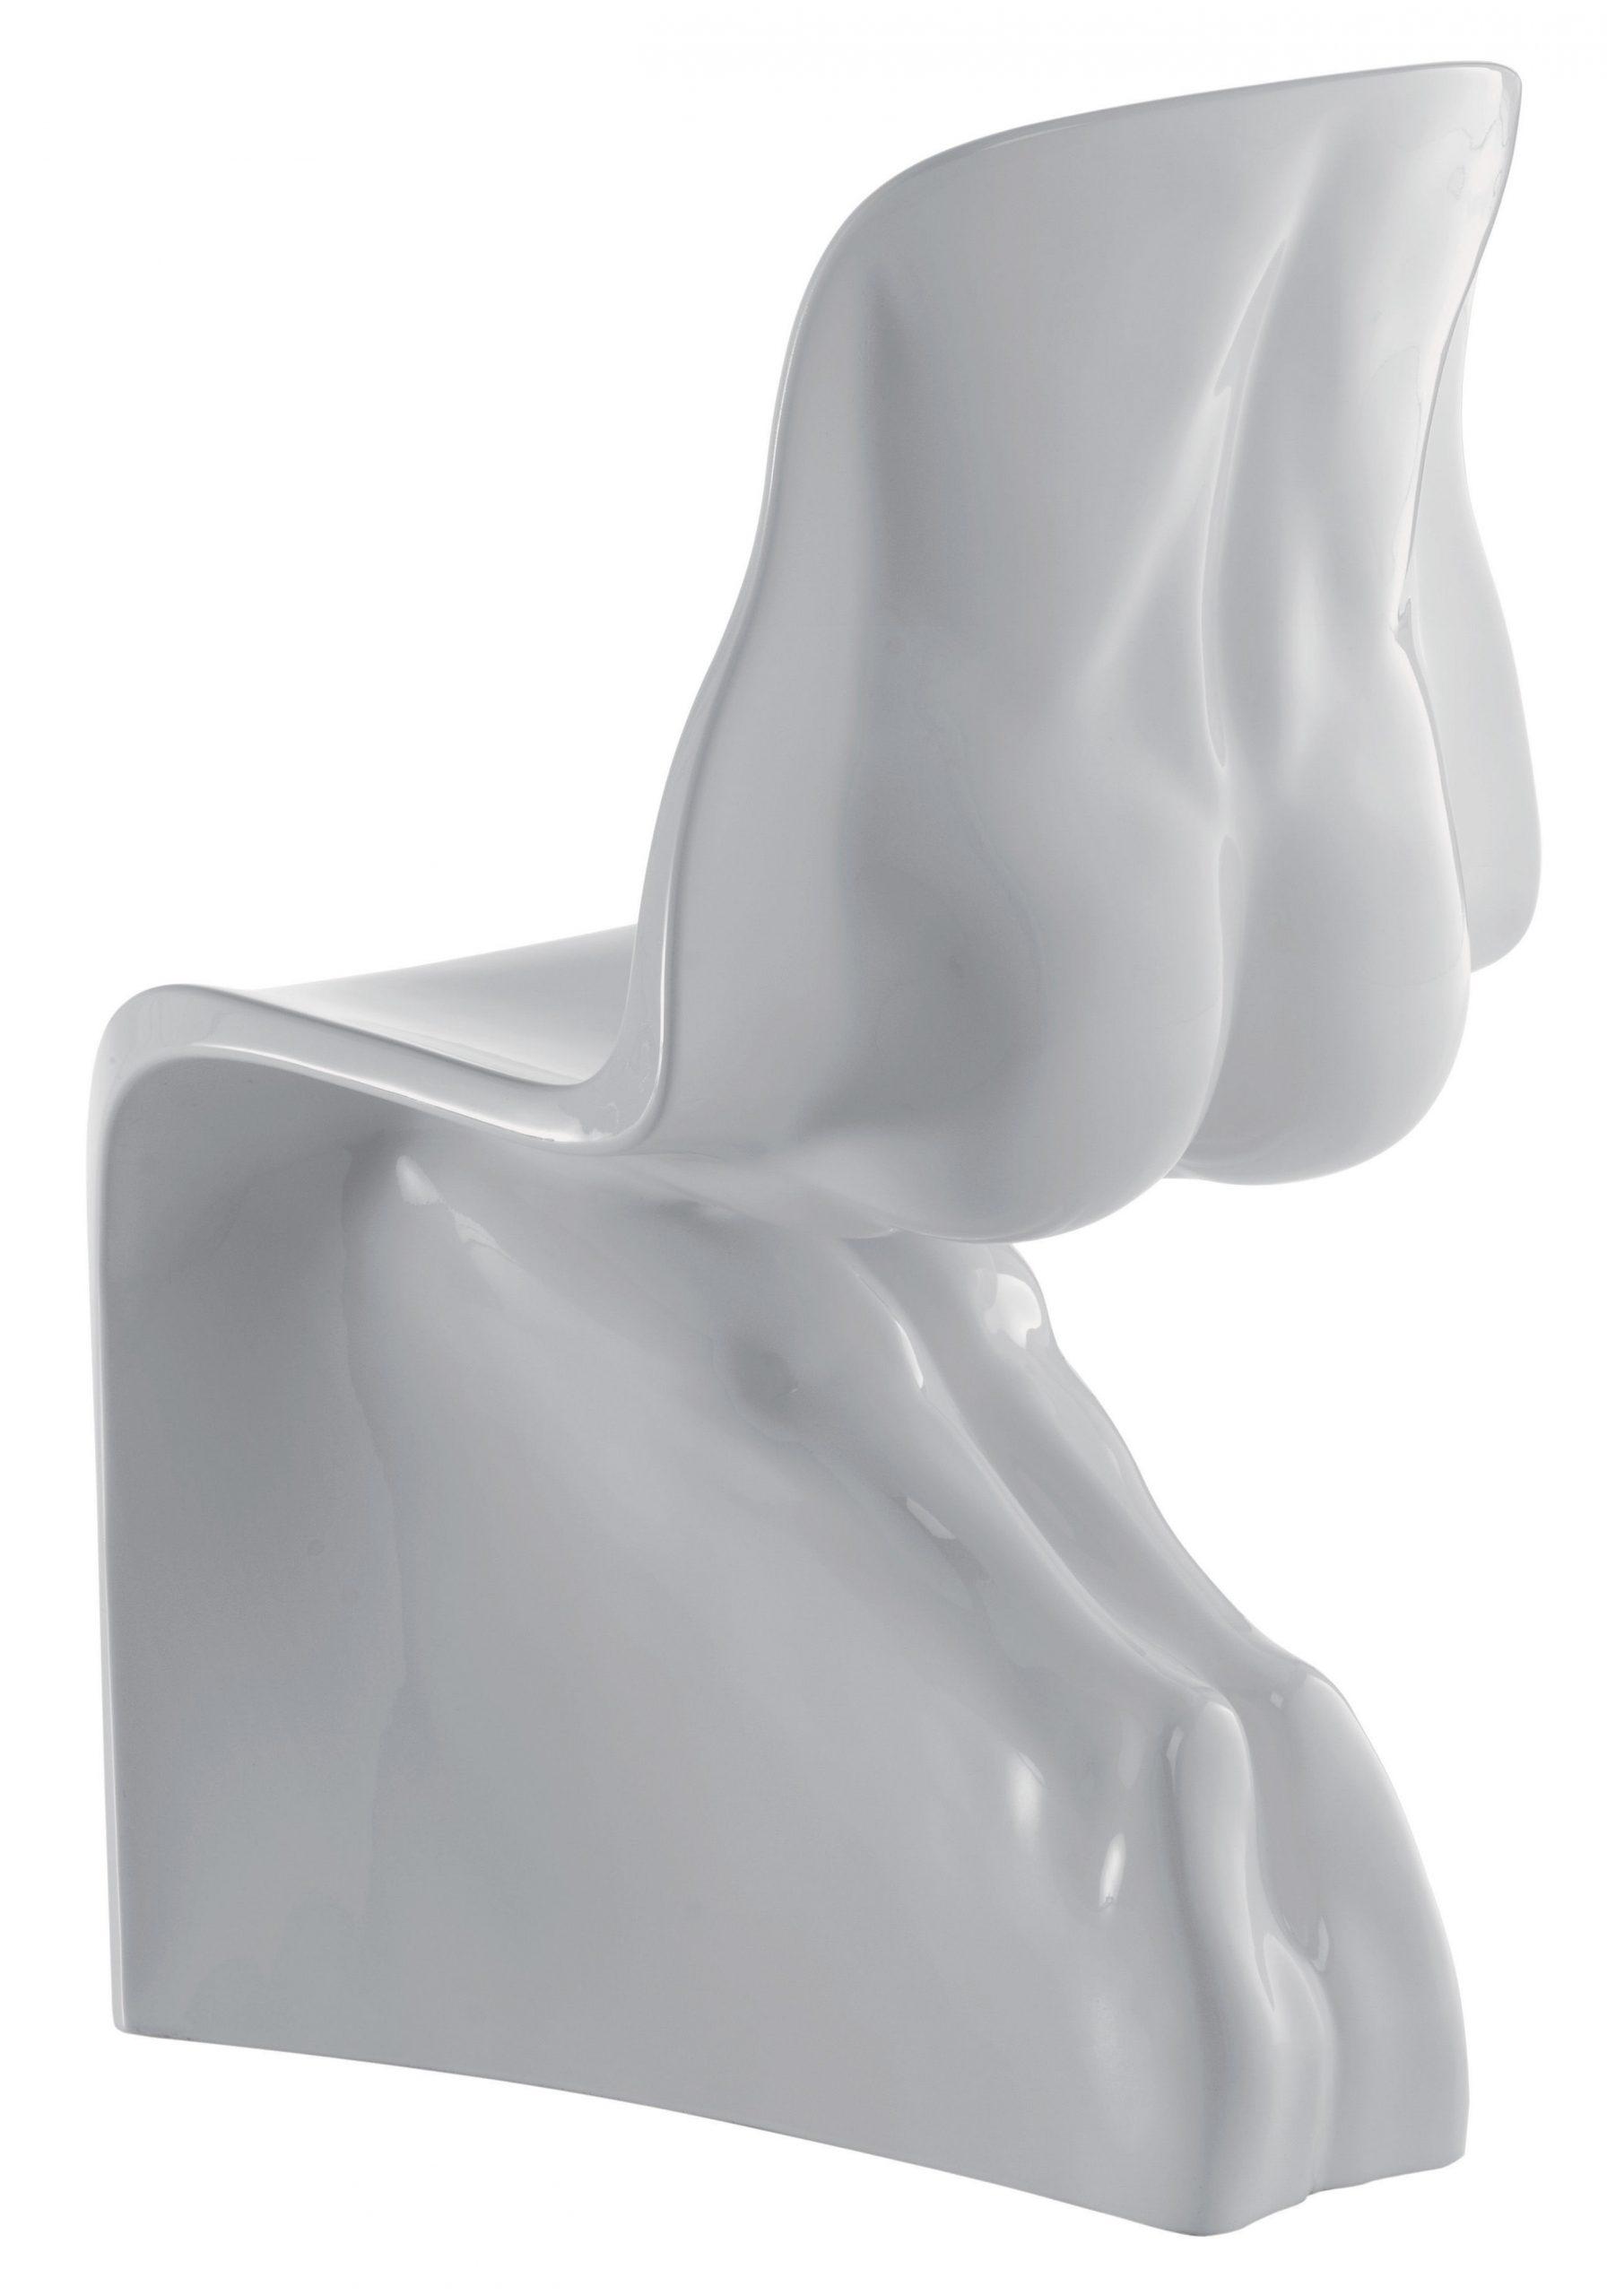 彼の椅子-ホワイトカサマニアファビオノベンブレラッカー塗装バージョン